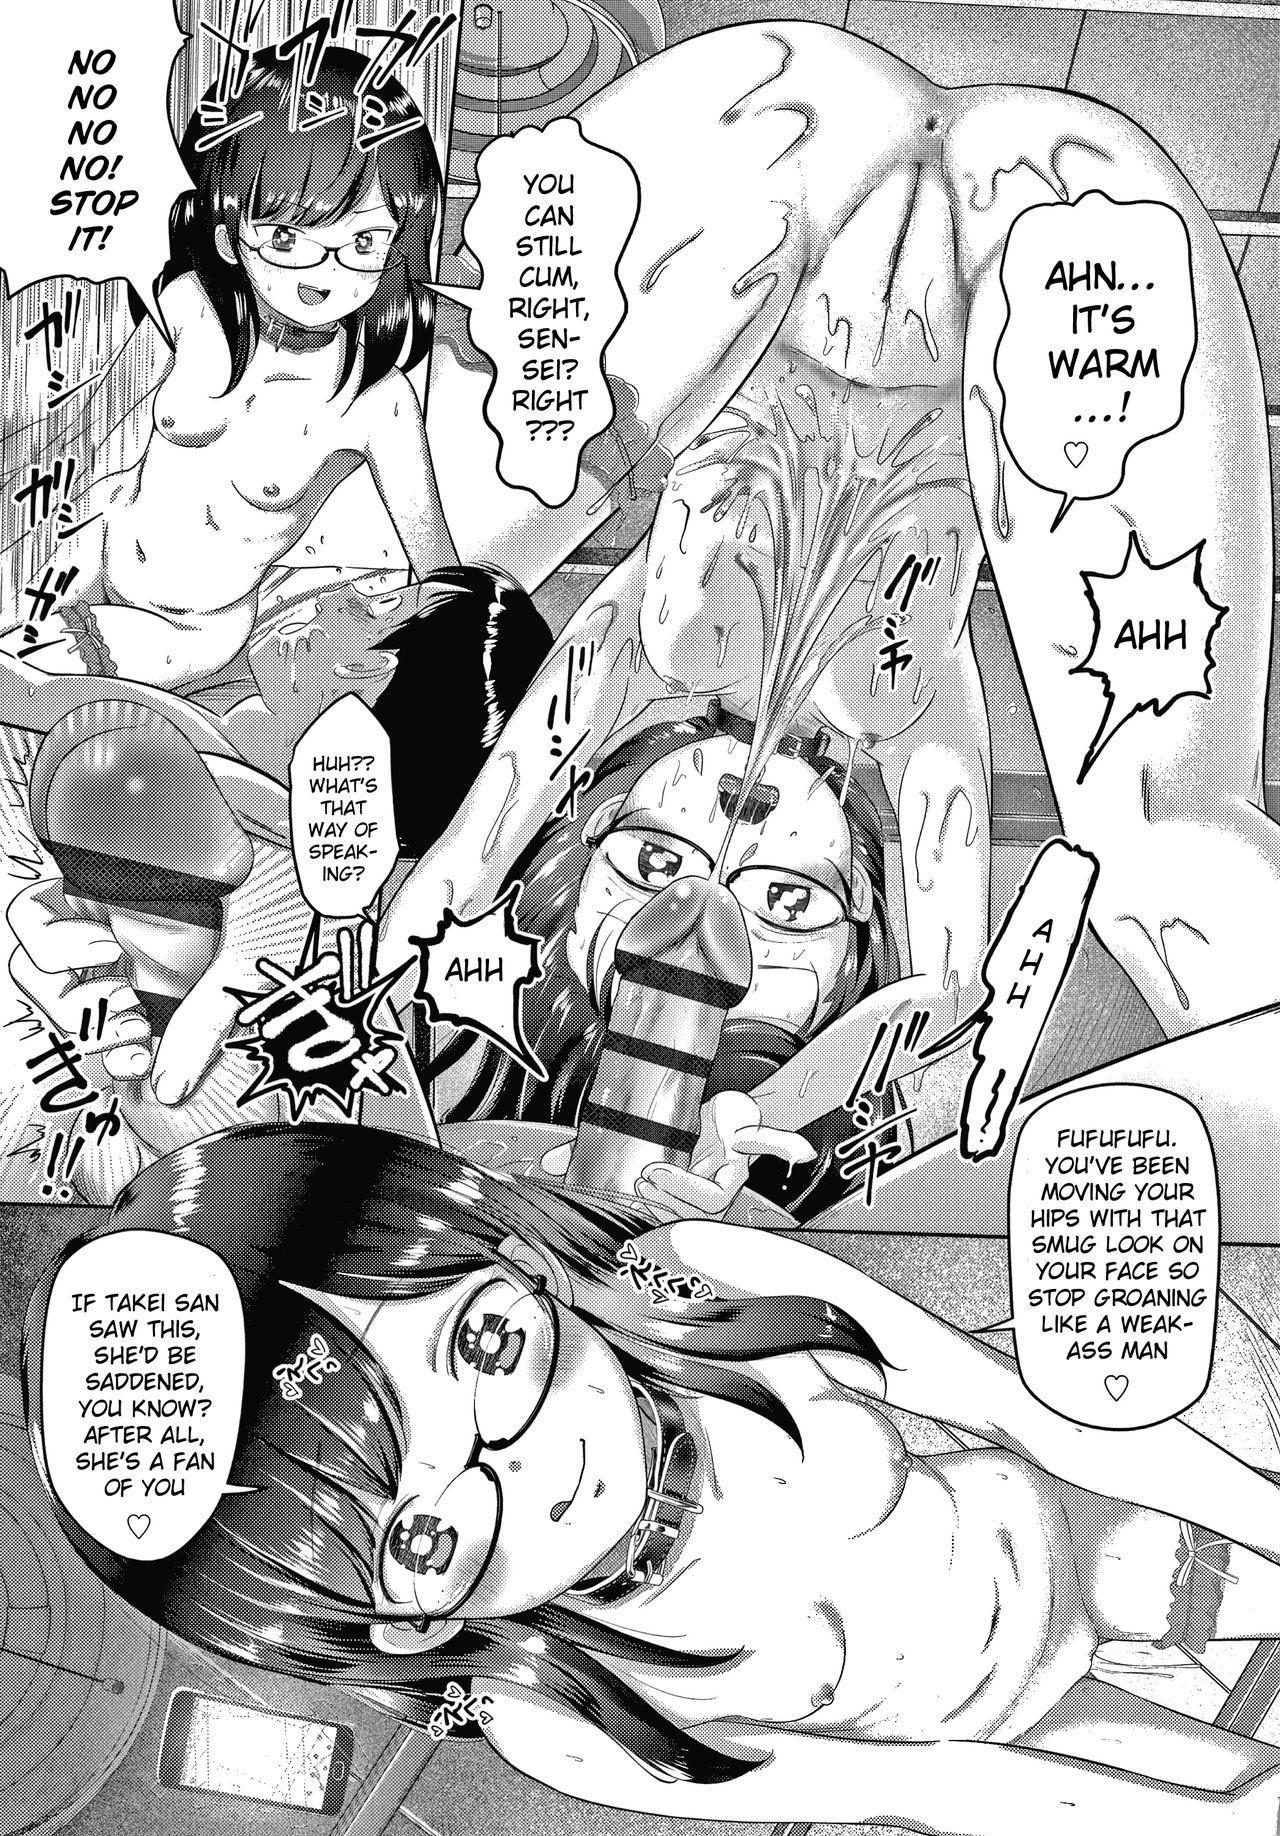 5 no 2 no Koibana. chapter 1 33